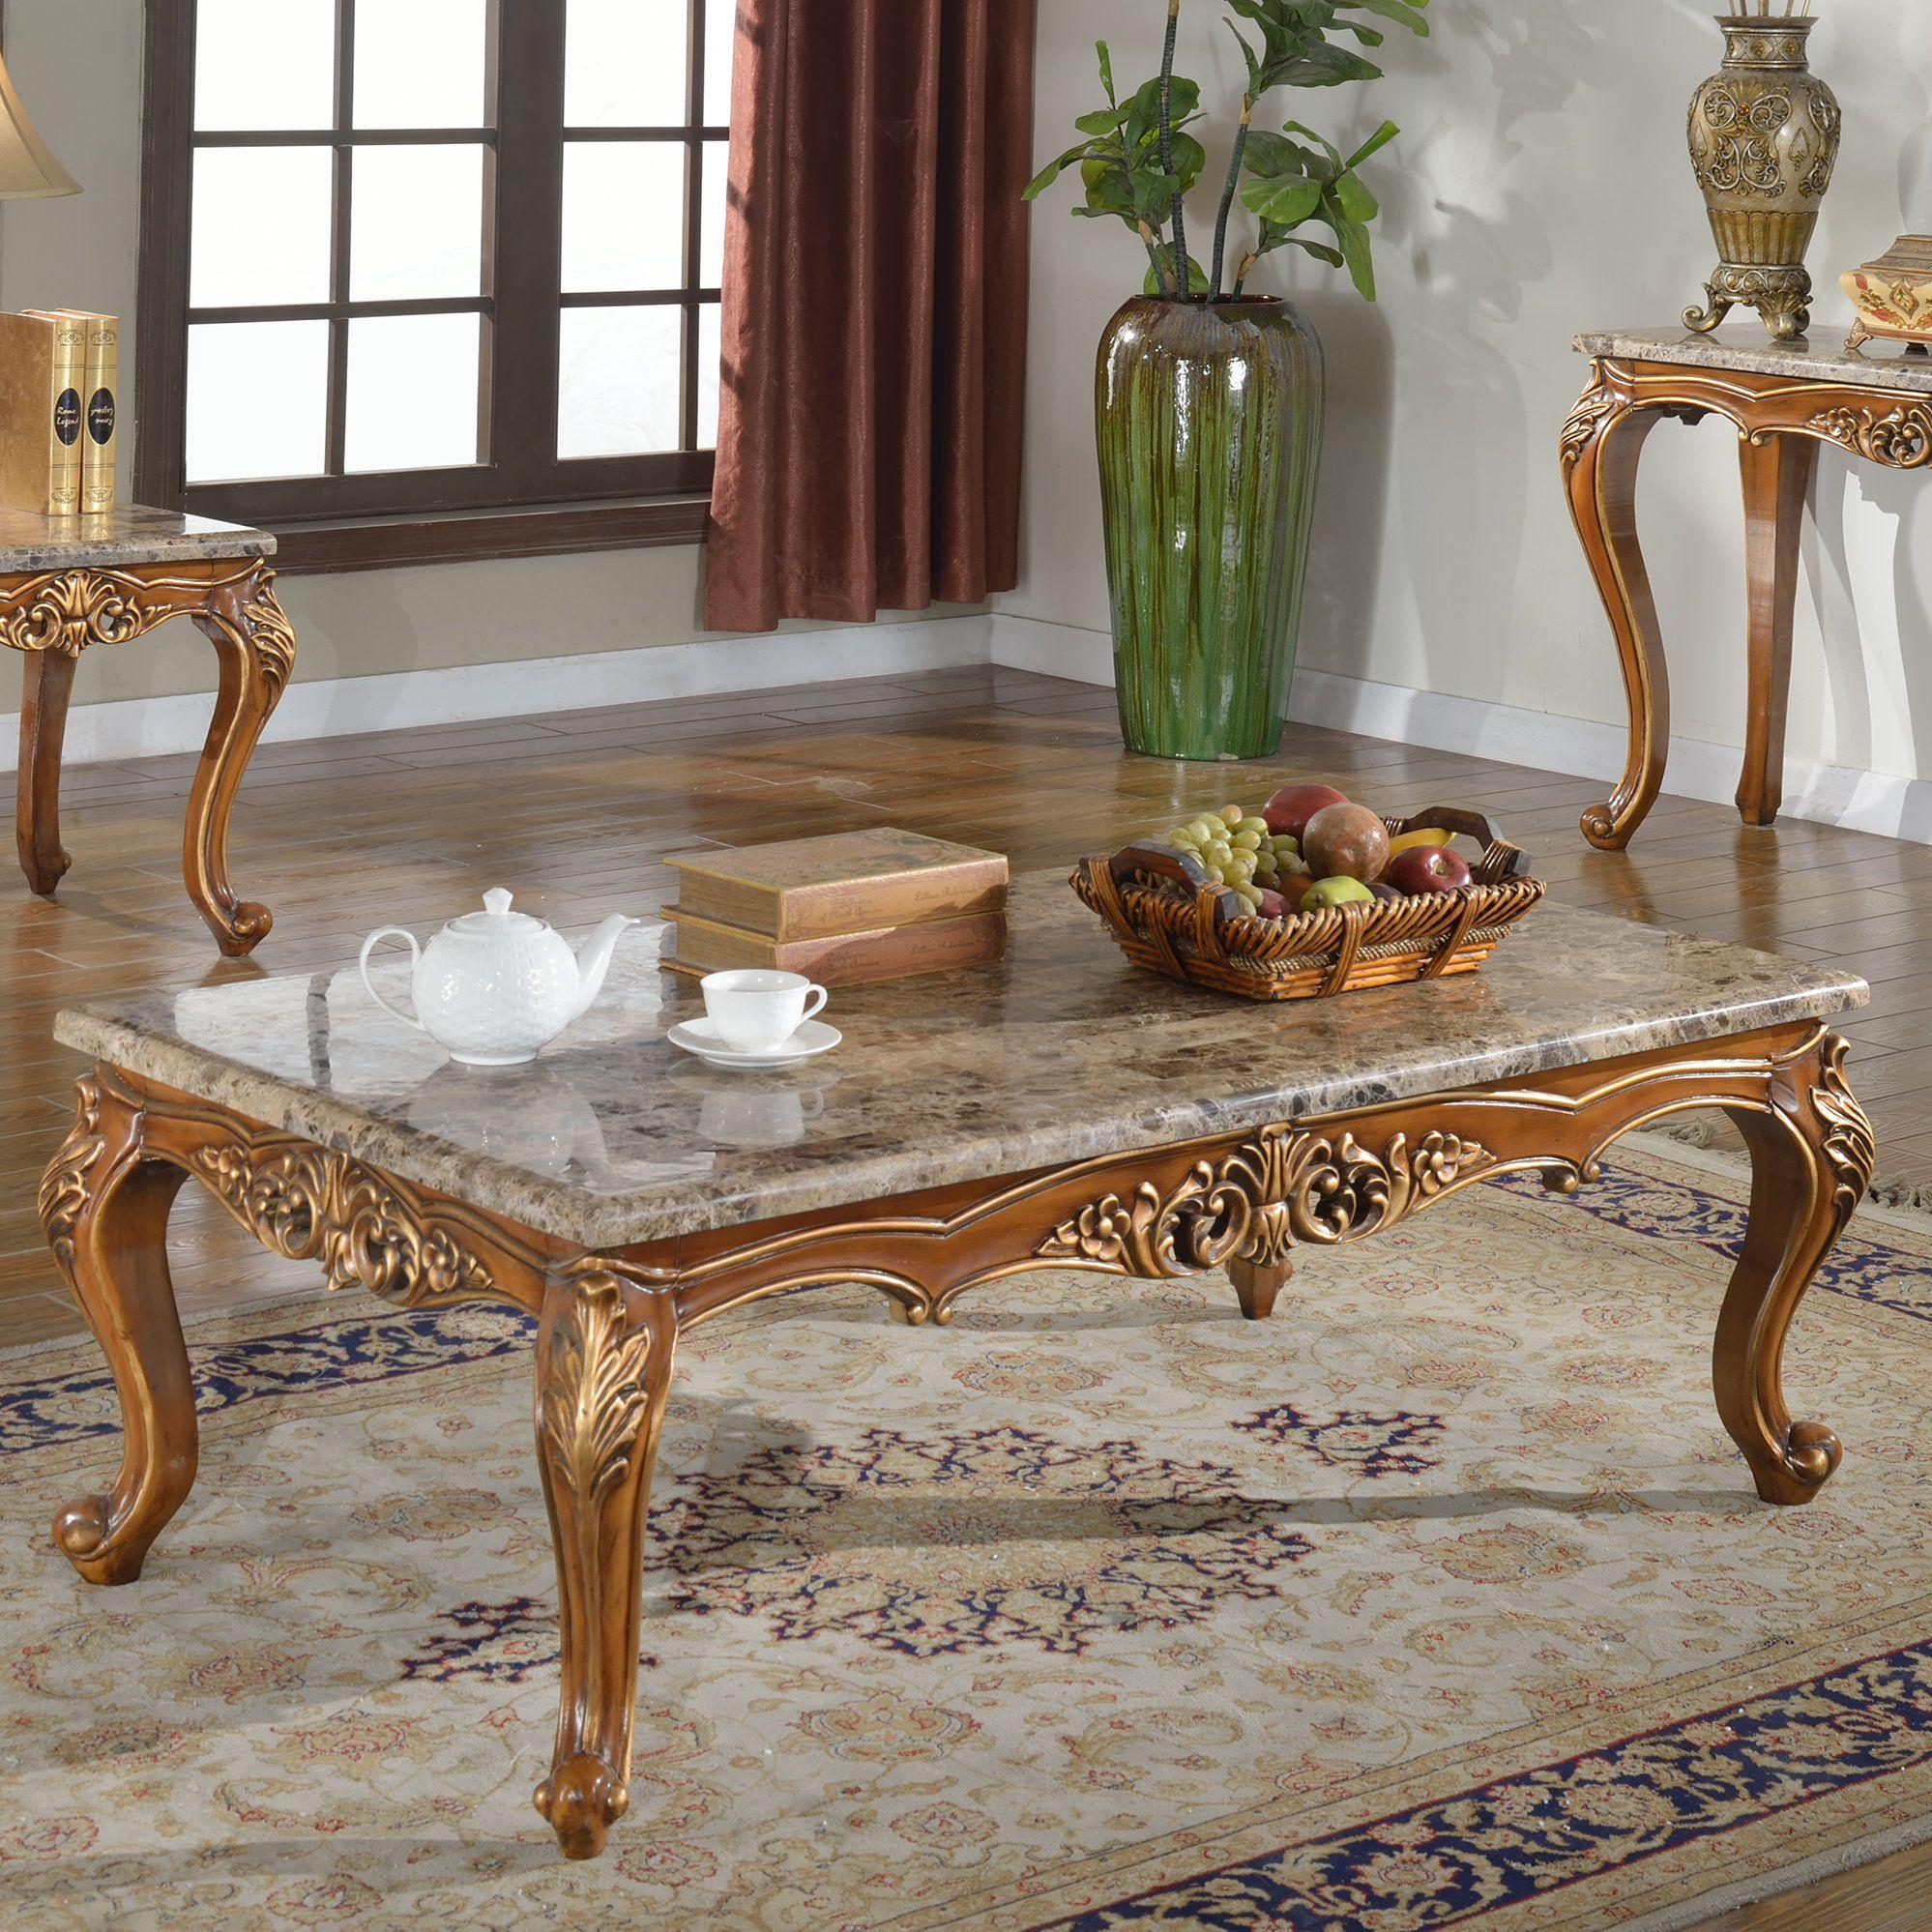 Bestmasterfurniture marble coffee table wayfair coffee